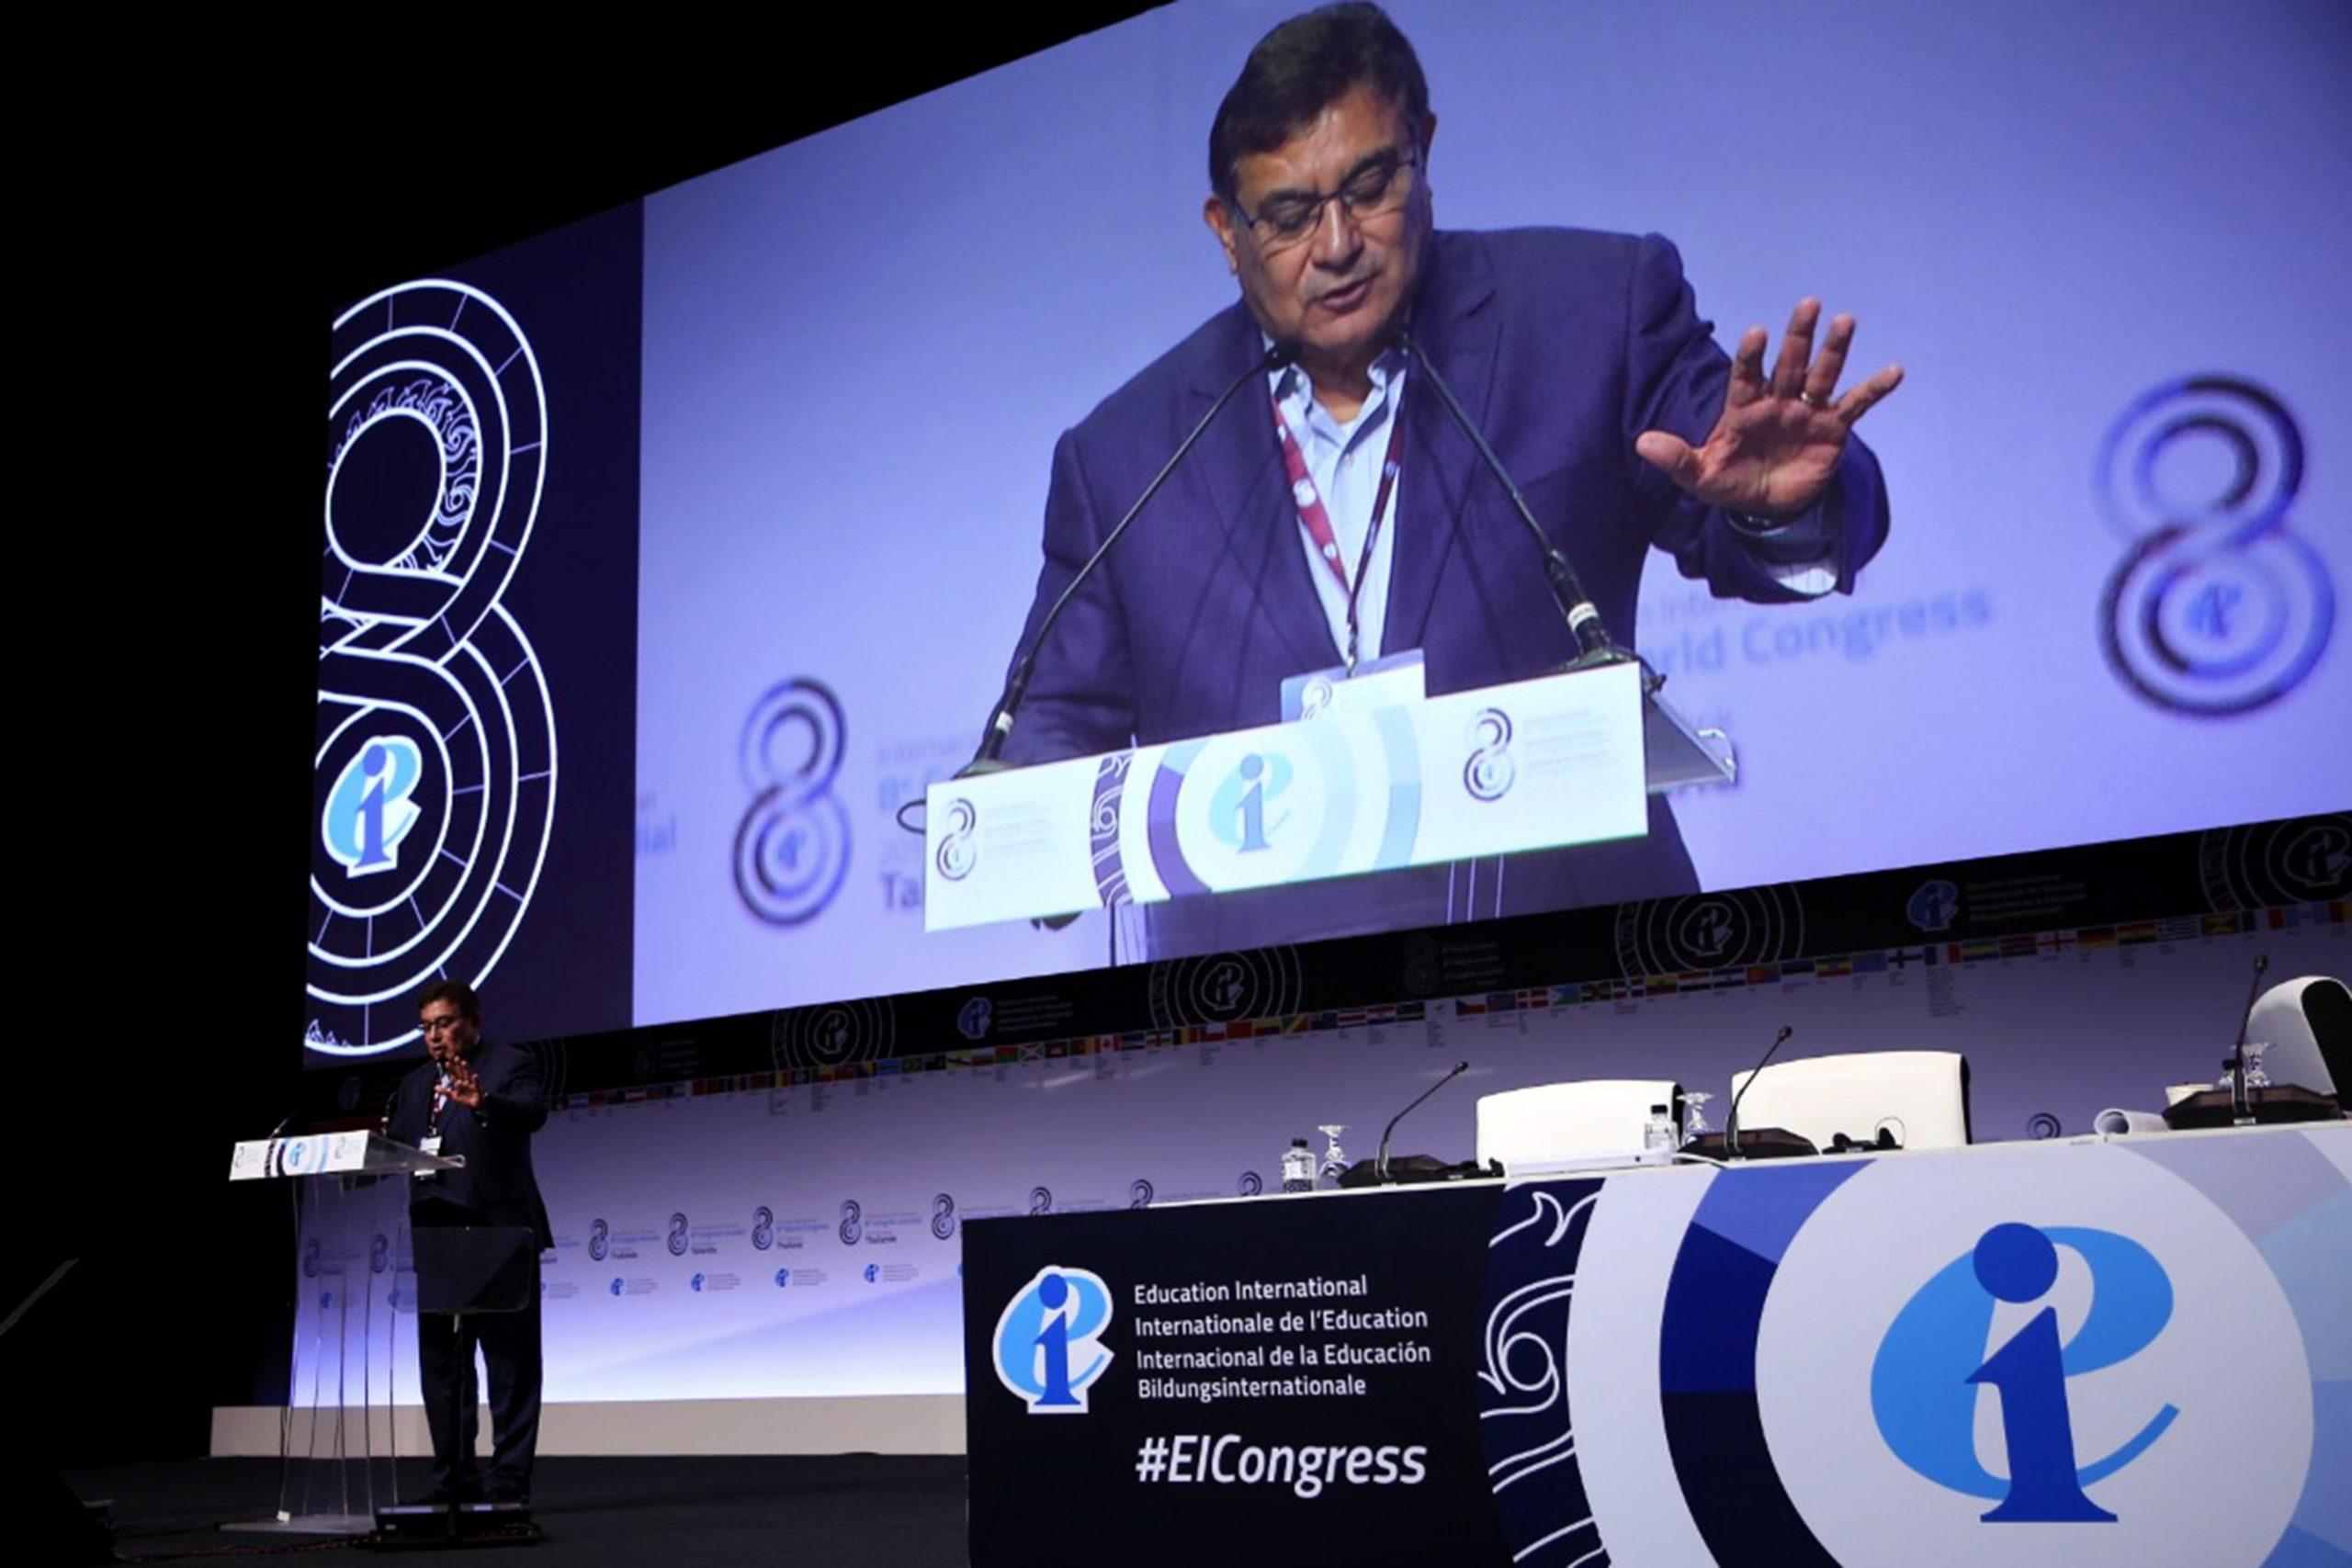 Líder nacional del SNTE es electo miembro del Consejo Ejecutivo de la Internacional de la Educación